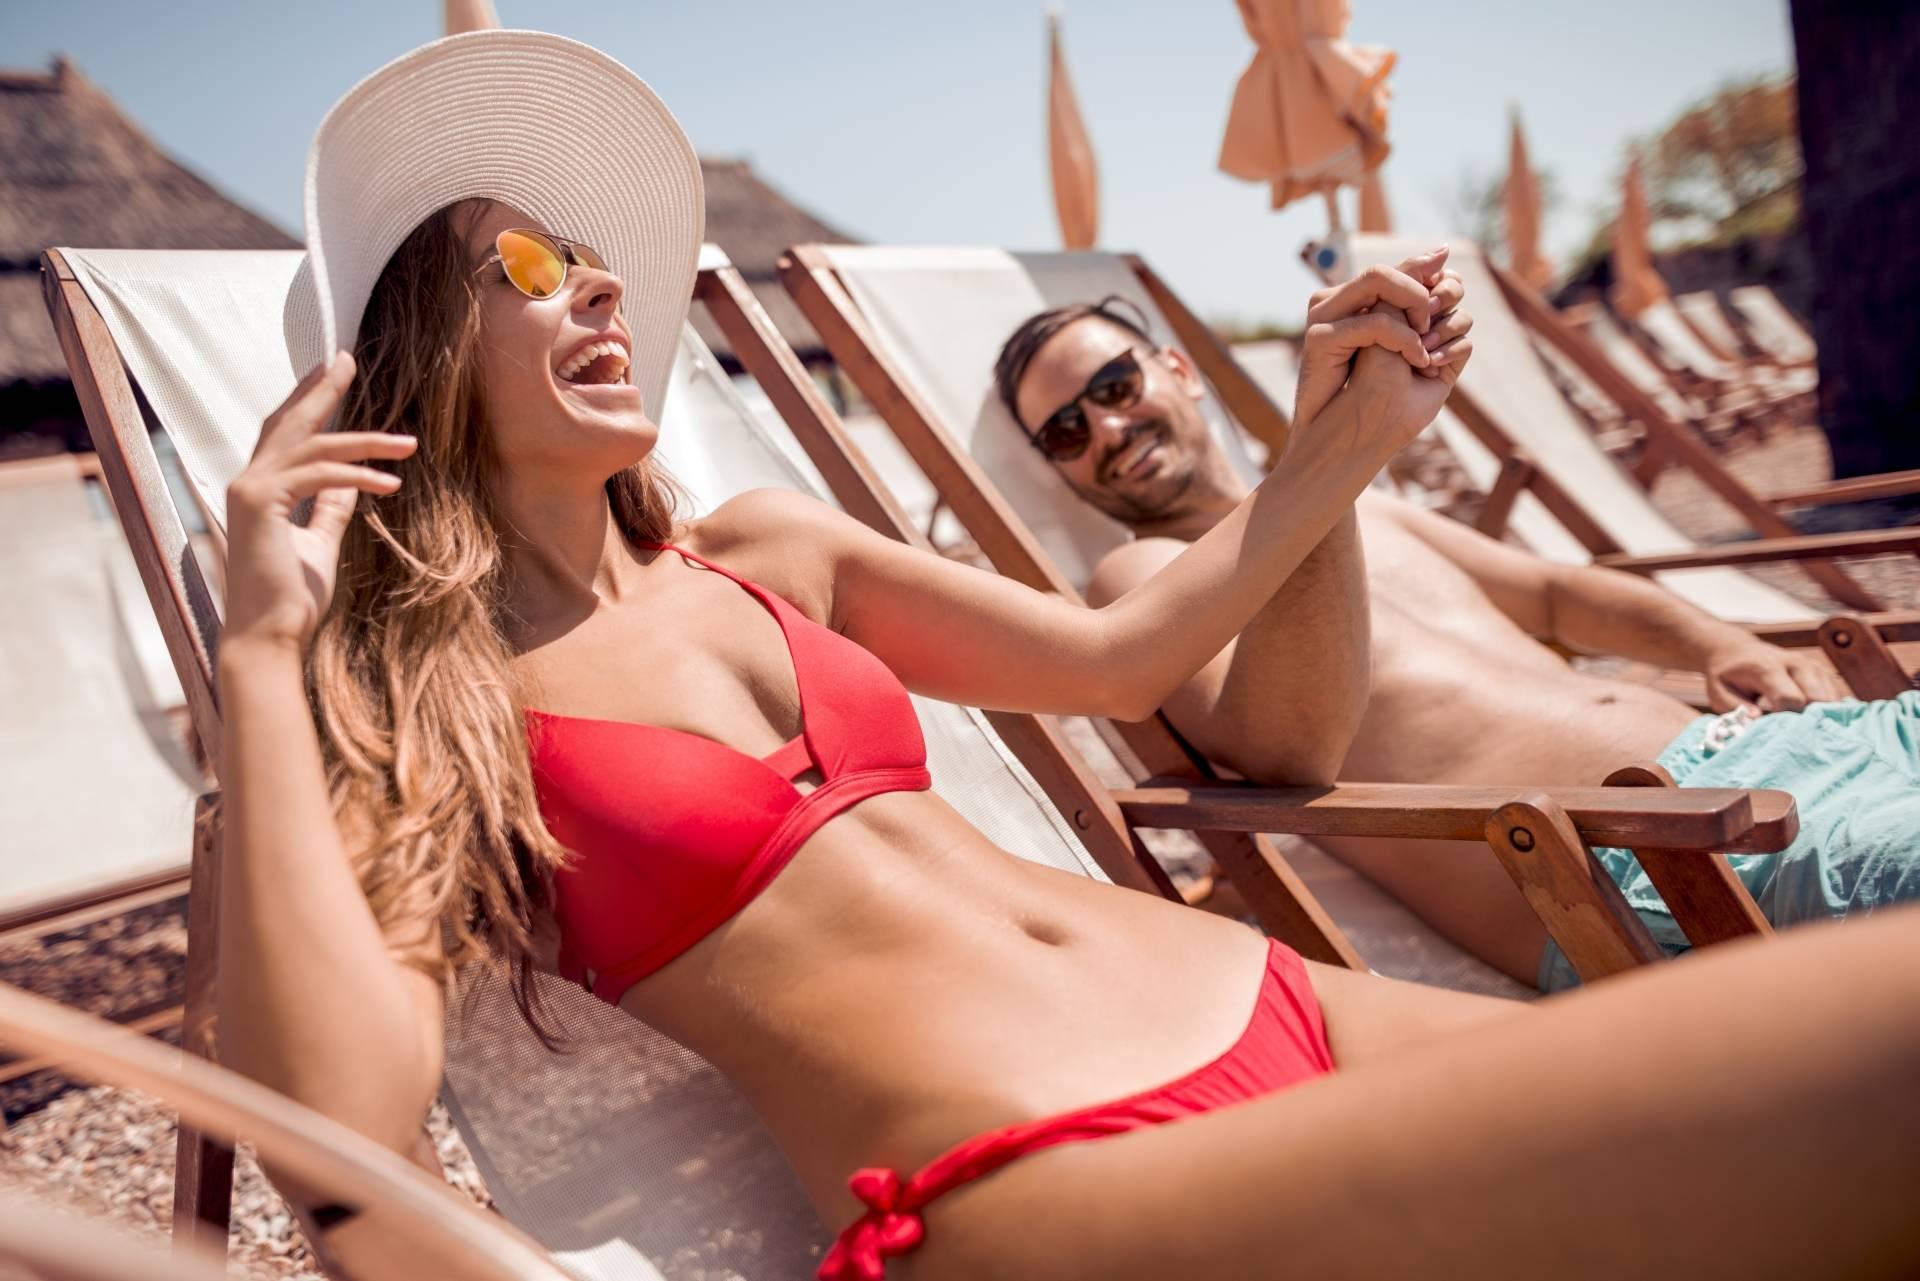 Przebarwienia na twarzy i plamki na ciele - jak ich uniknąć po wakacjach? Szczęśliwa para wypoczywa na leżakach na plaży.